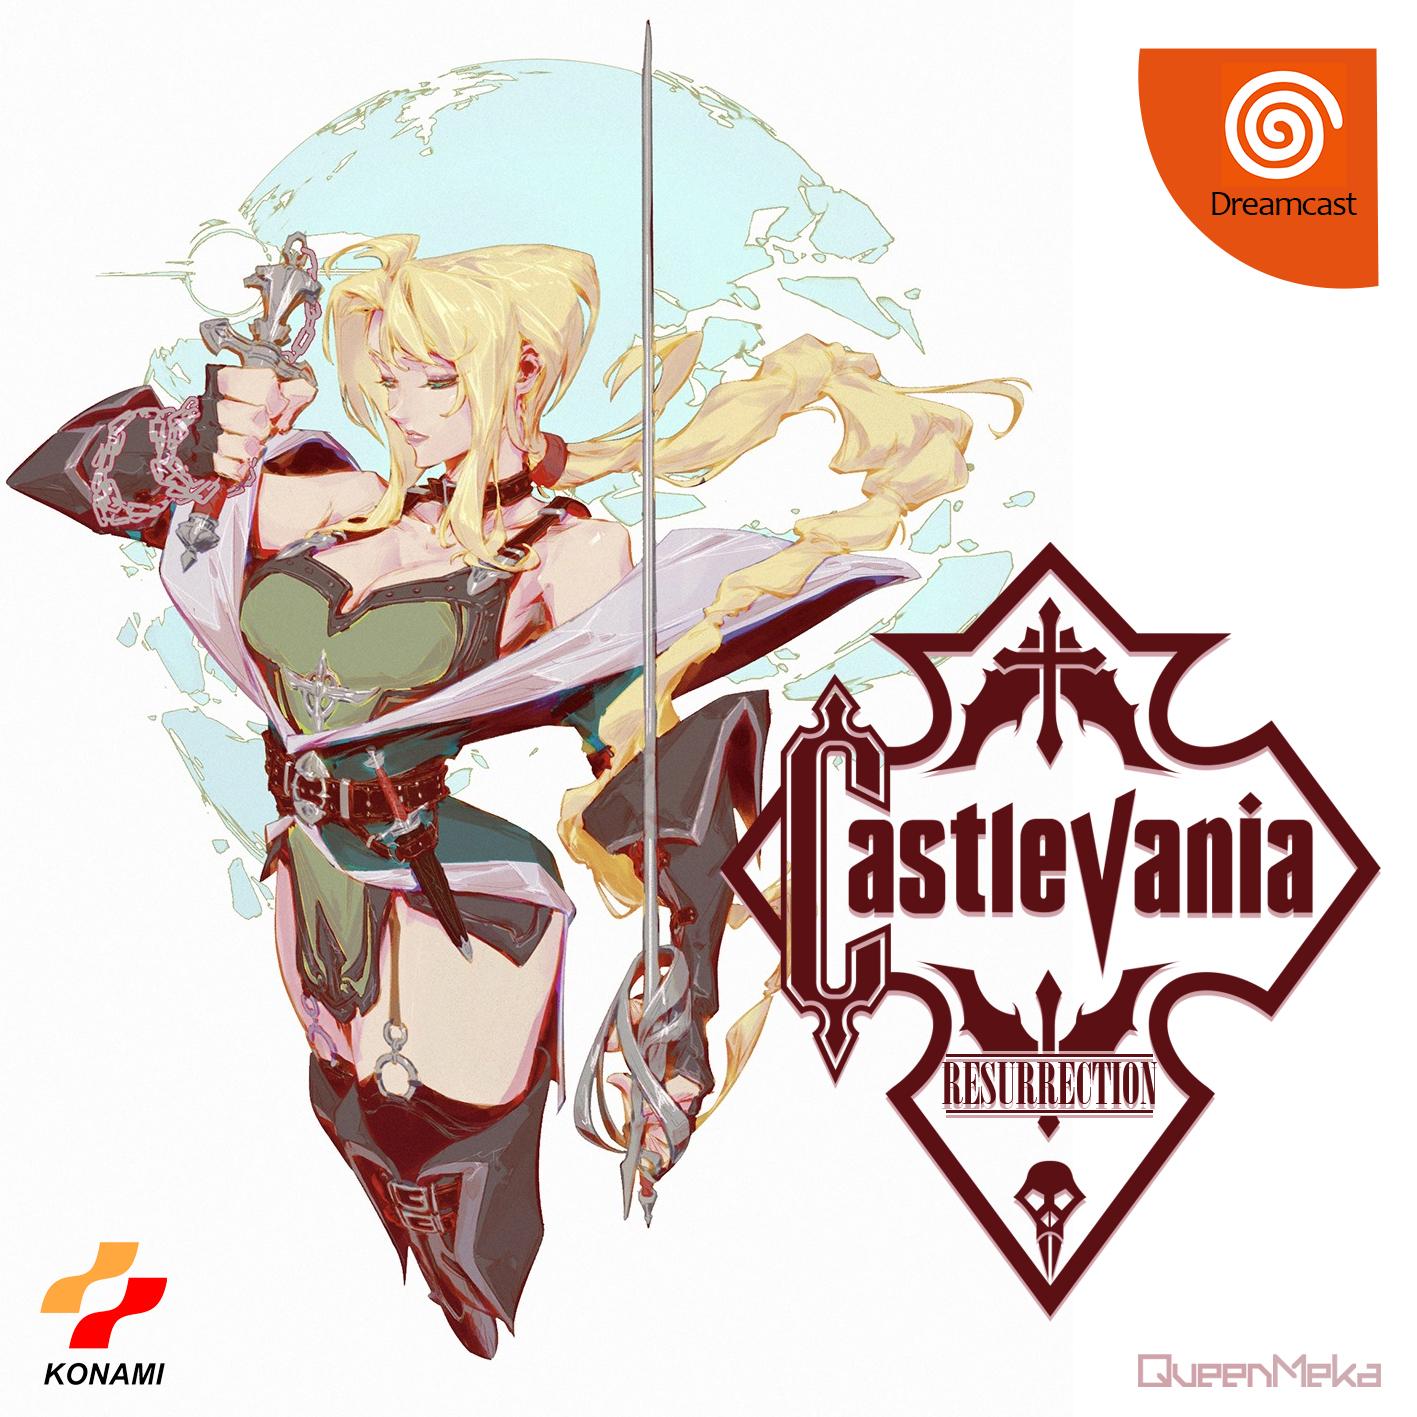 Il y a 20 ans mourrait la Dreamcast.... - Page 3 Jaquette-avant-castlevania